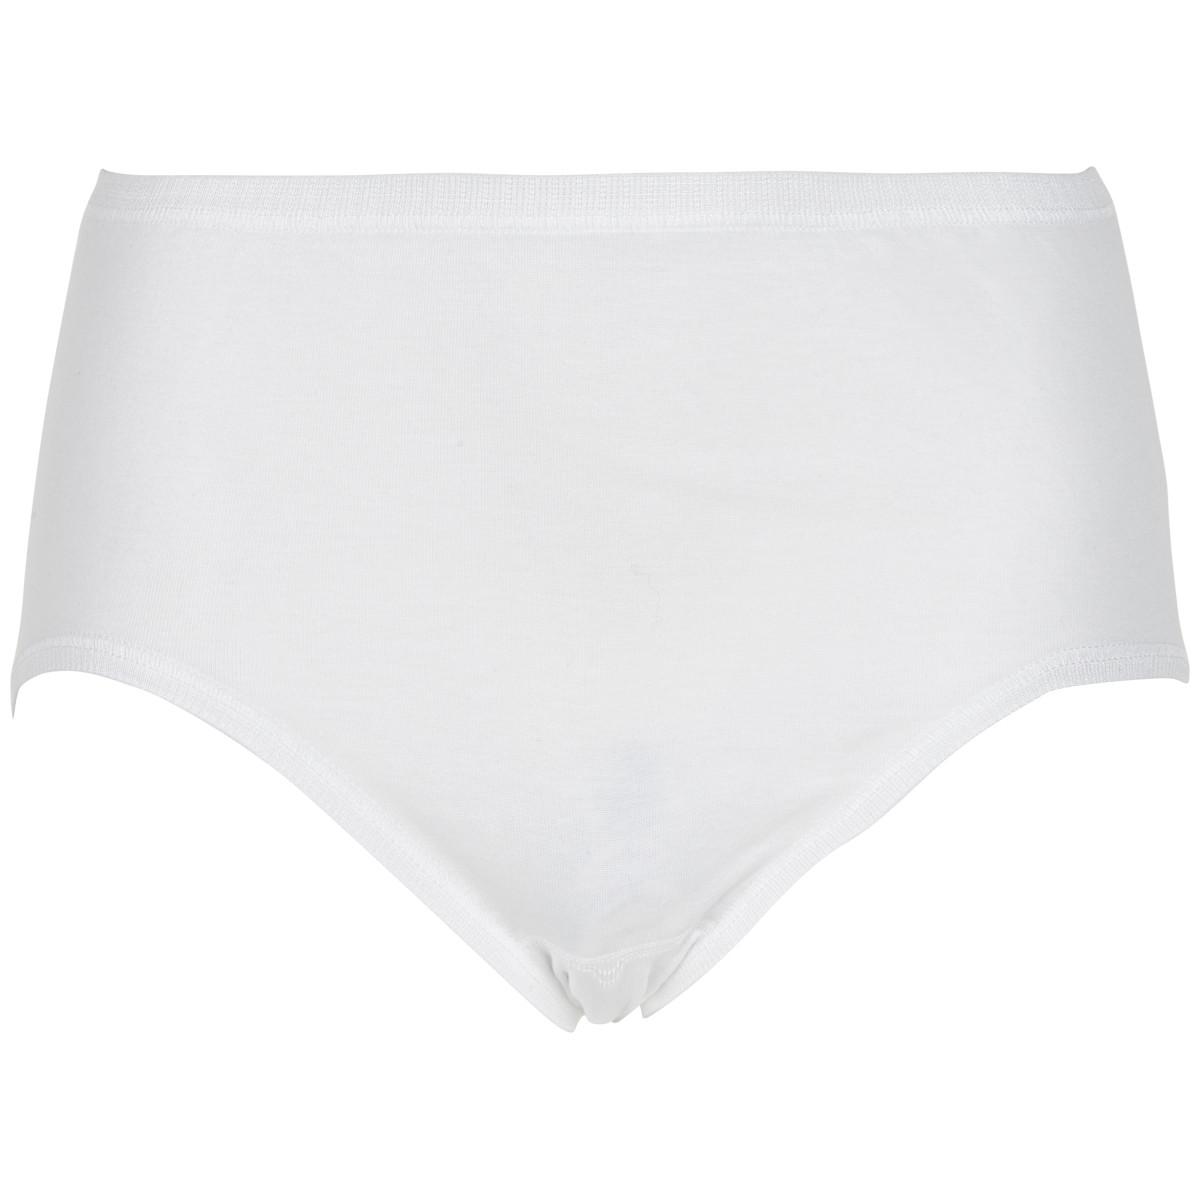 Mey Jazz Pants Trusse Hvid 29225